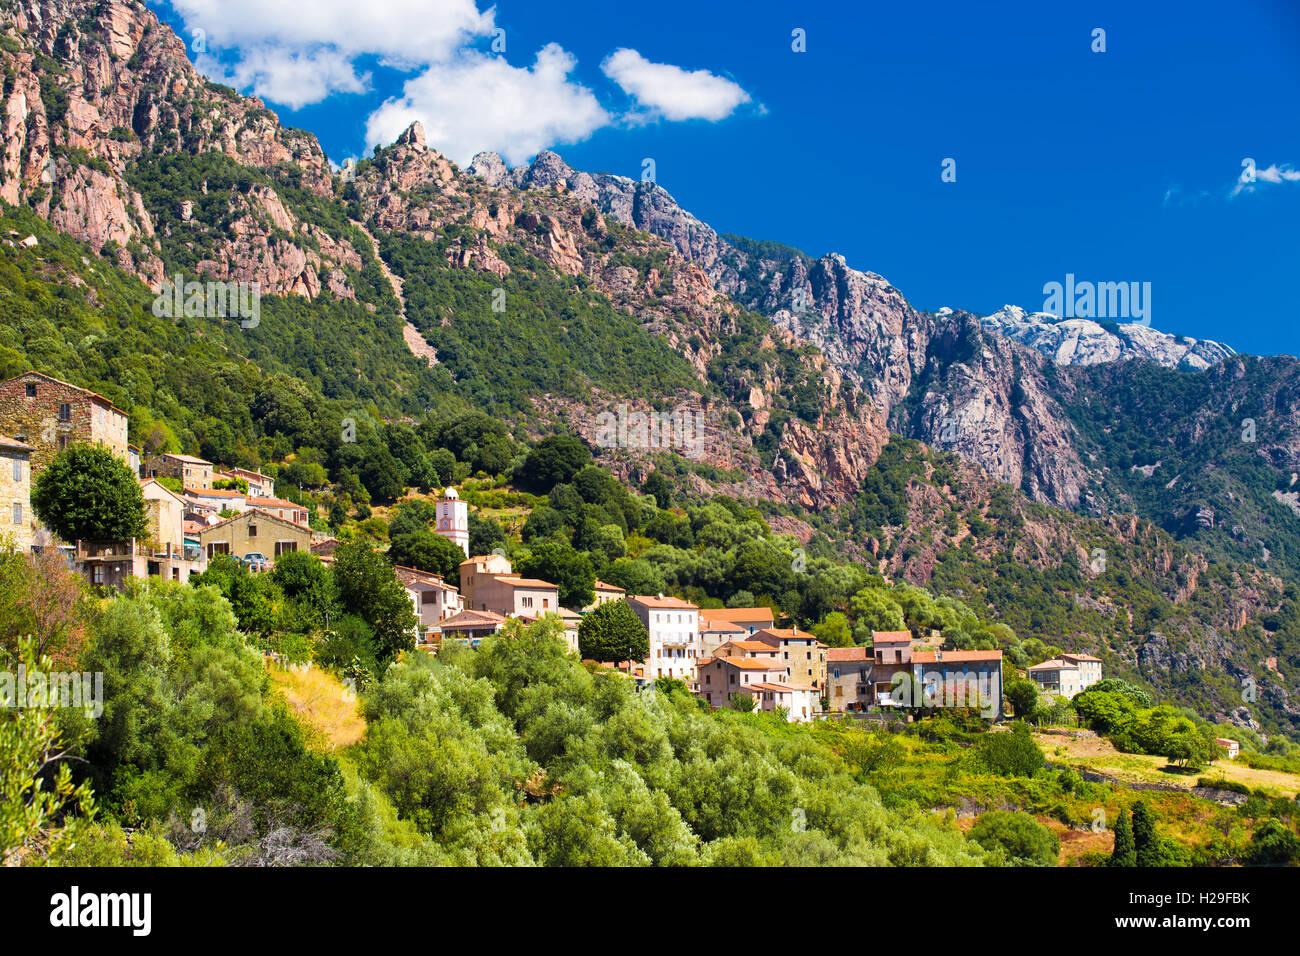 OTA-Stadt mit den Bergen im Hintergrund in der Nähe von Evisa und Porto, Korsika, Frankreich. Stockbild